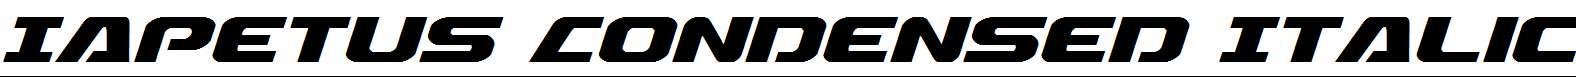 Iapetus-Condensed-Italic